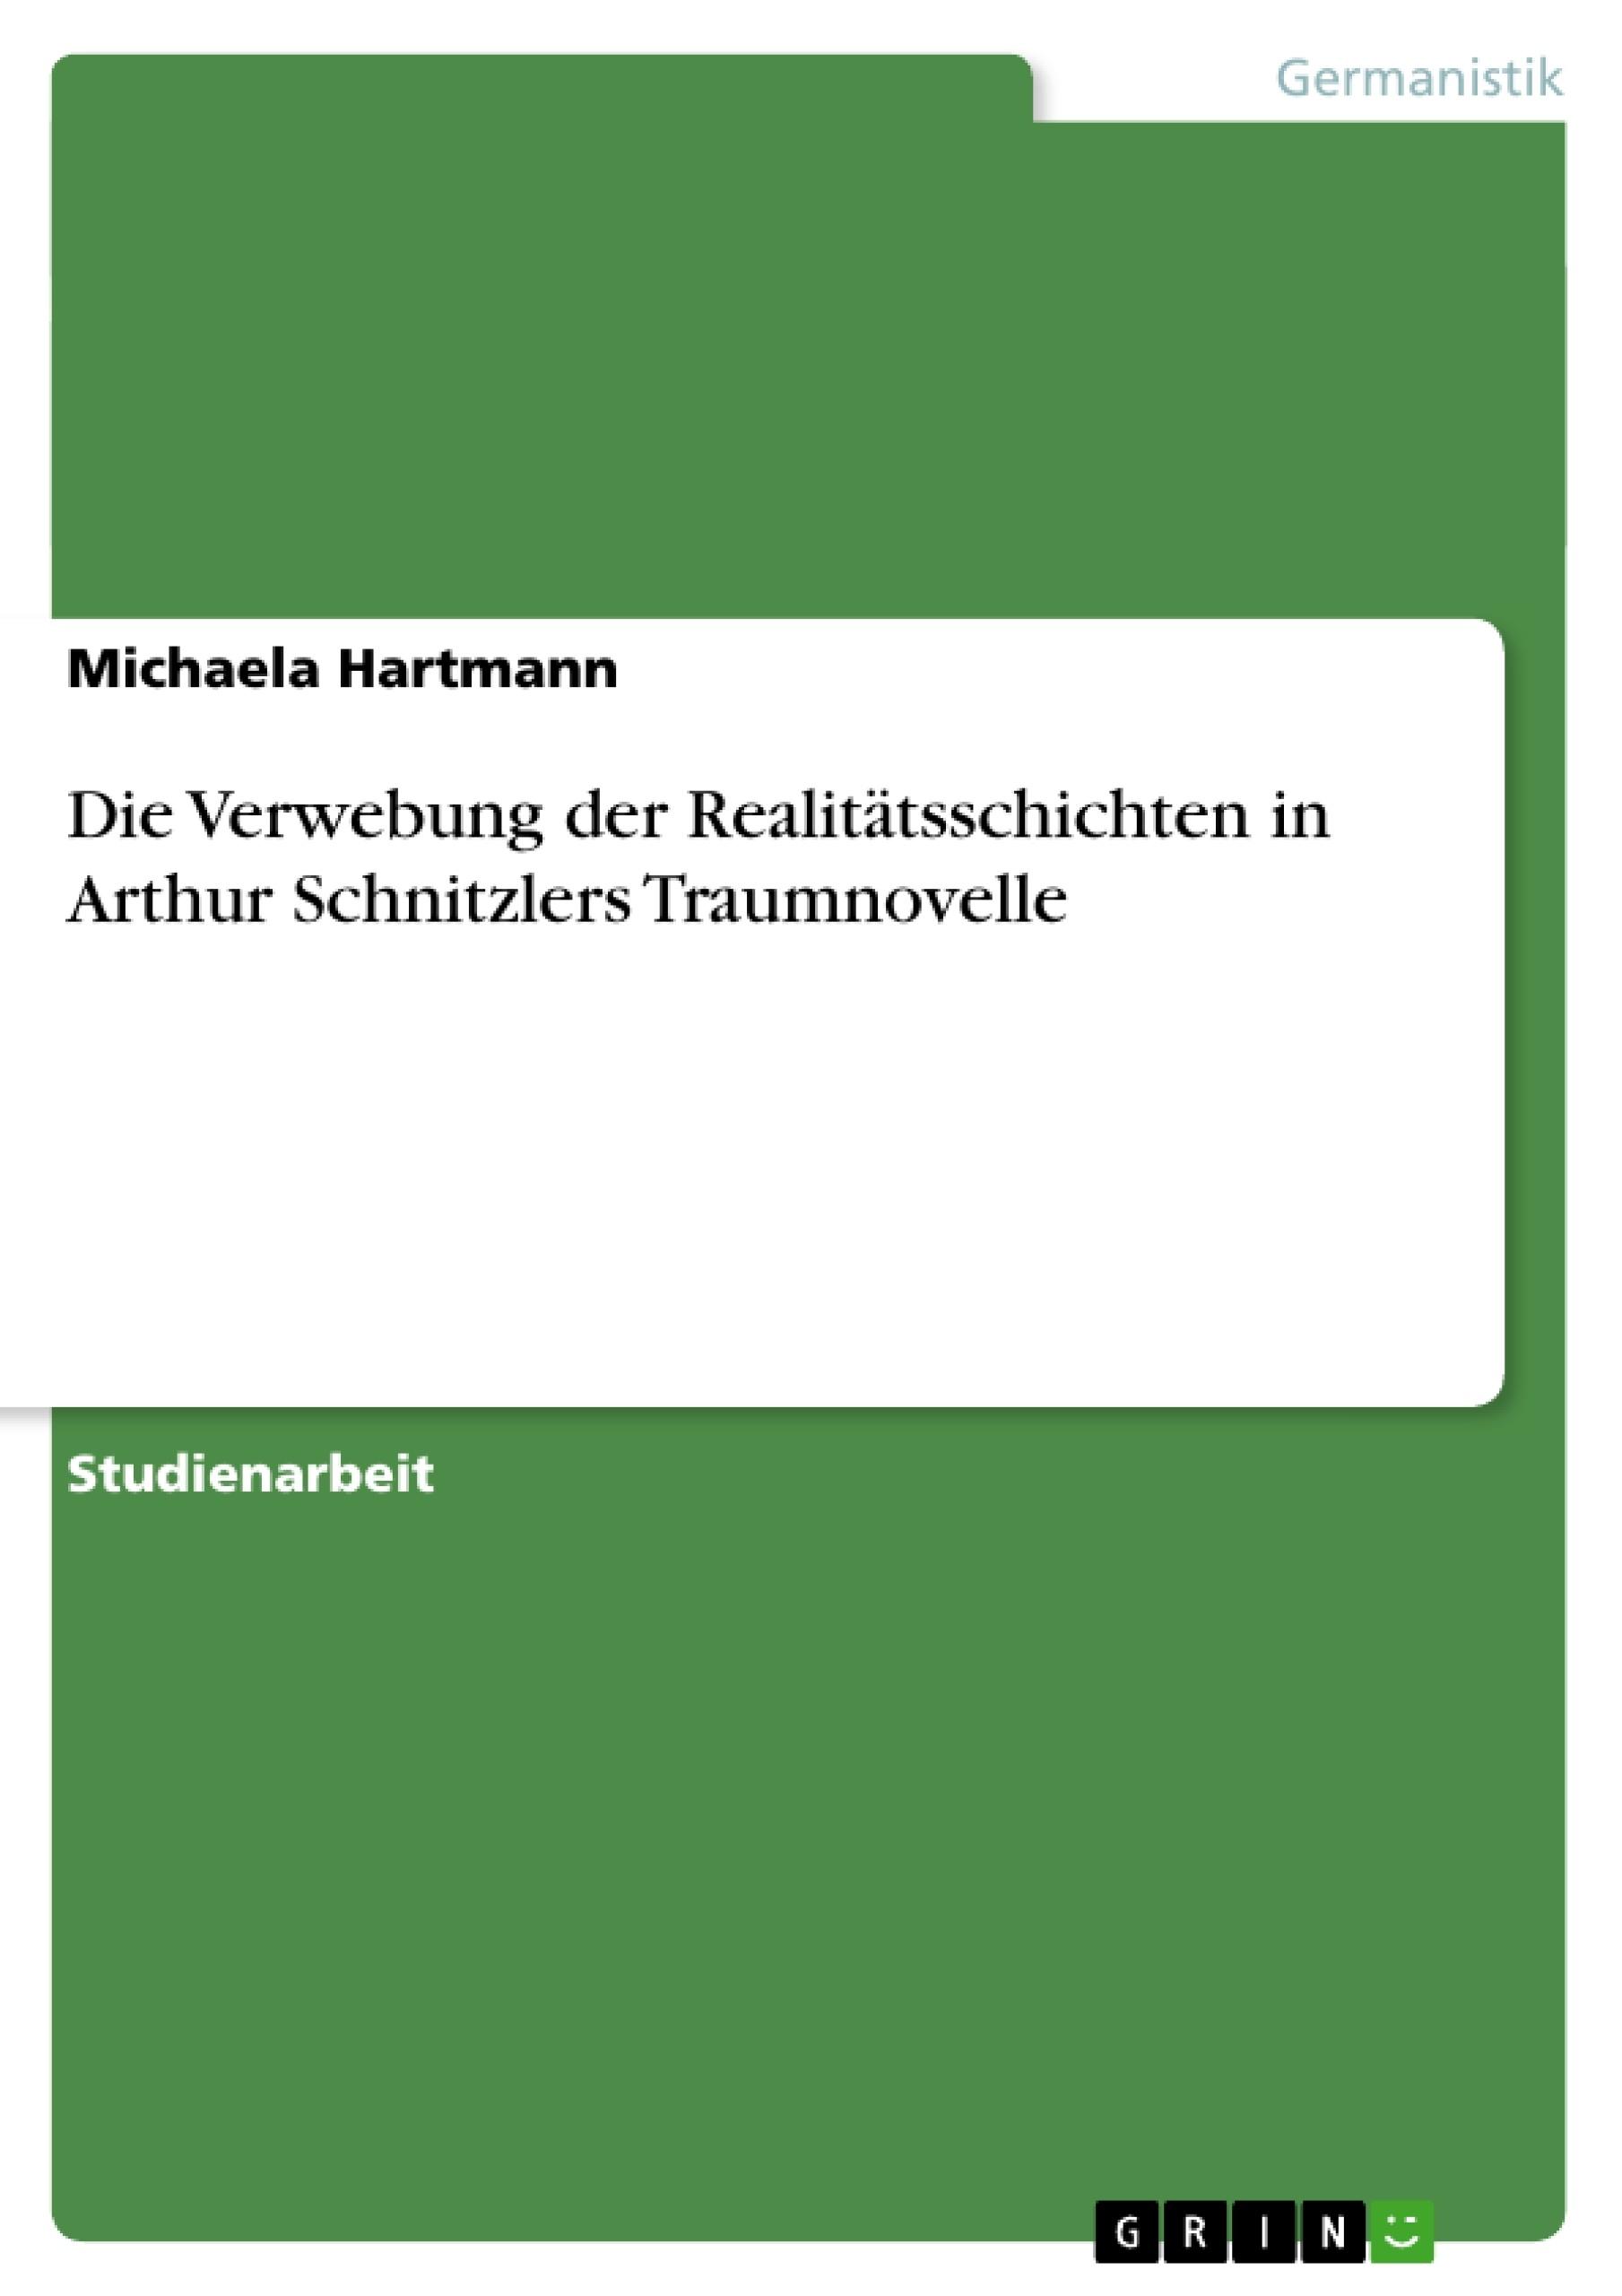 Titel: Die Verwebung der Realitätsschichten in Arthur Schnitzlers Traumnovelle